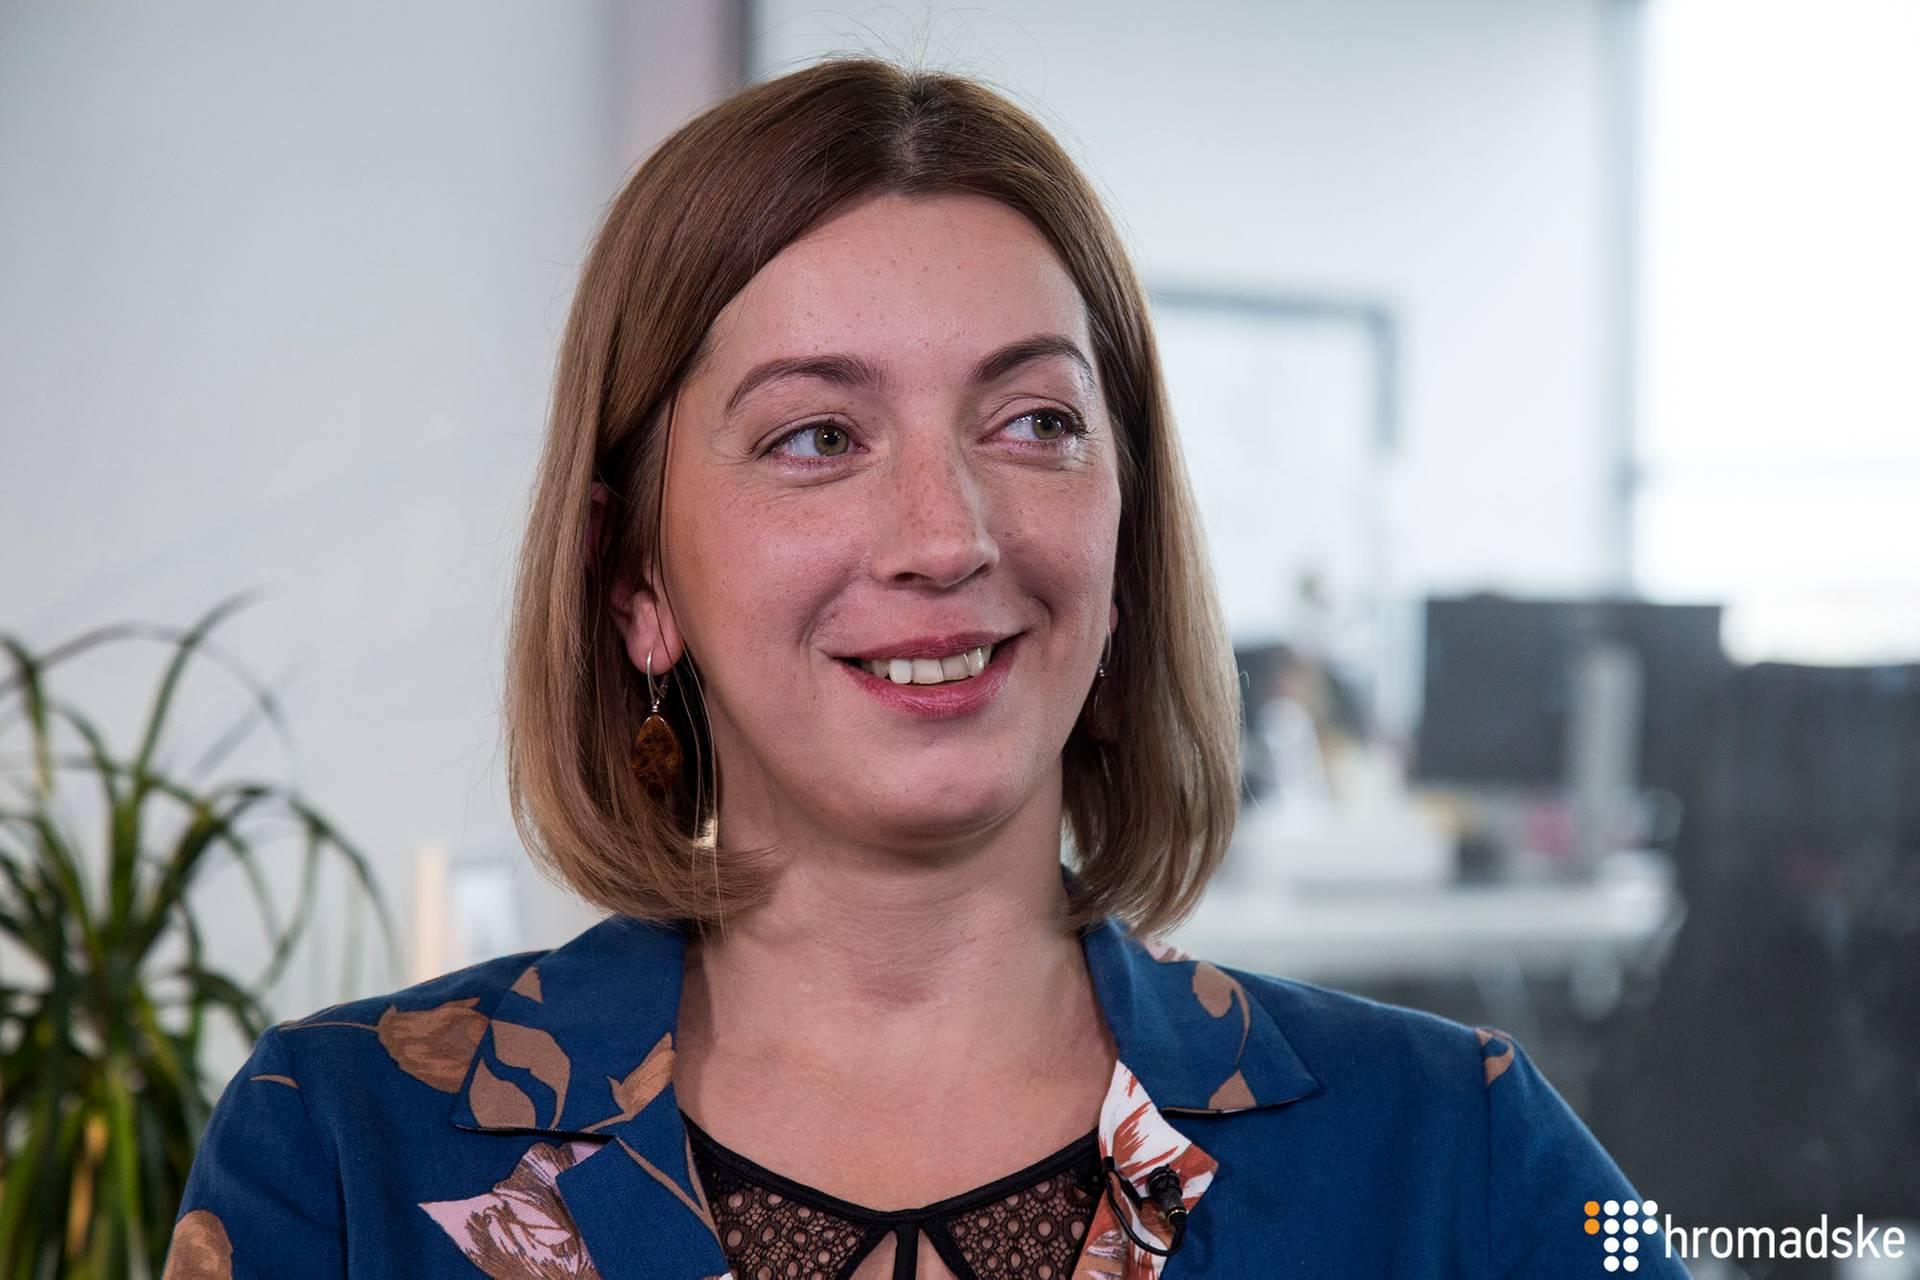 Журналістка Катерина Сергацкова під час інтерв'ю, Київ, 14 березня 2019 року